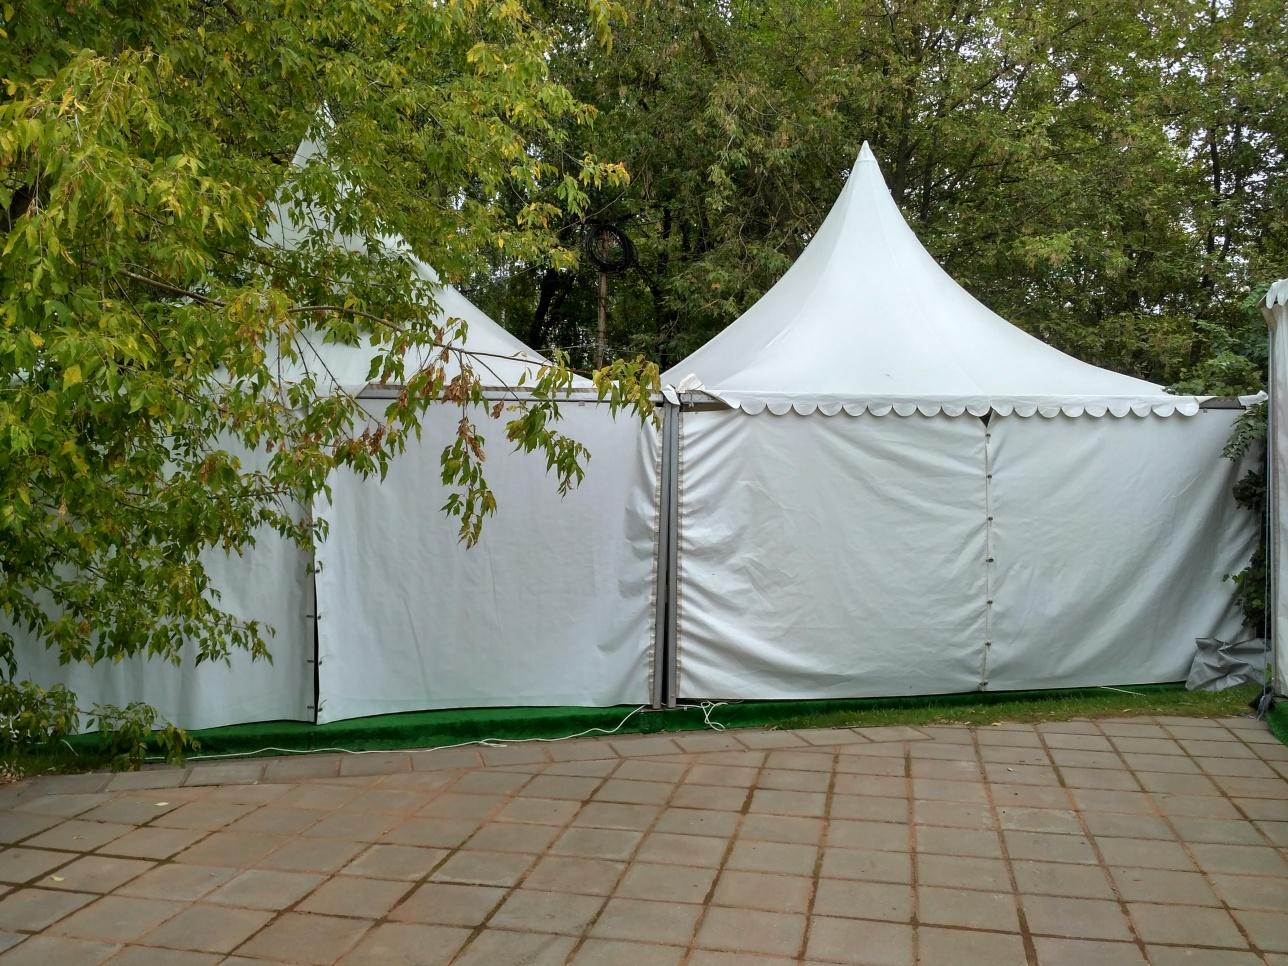 Эта палатку Федерация тенниса Россия назвала пресс-центром для журналистов